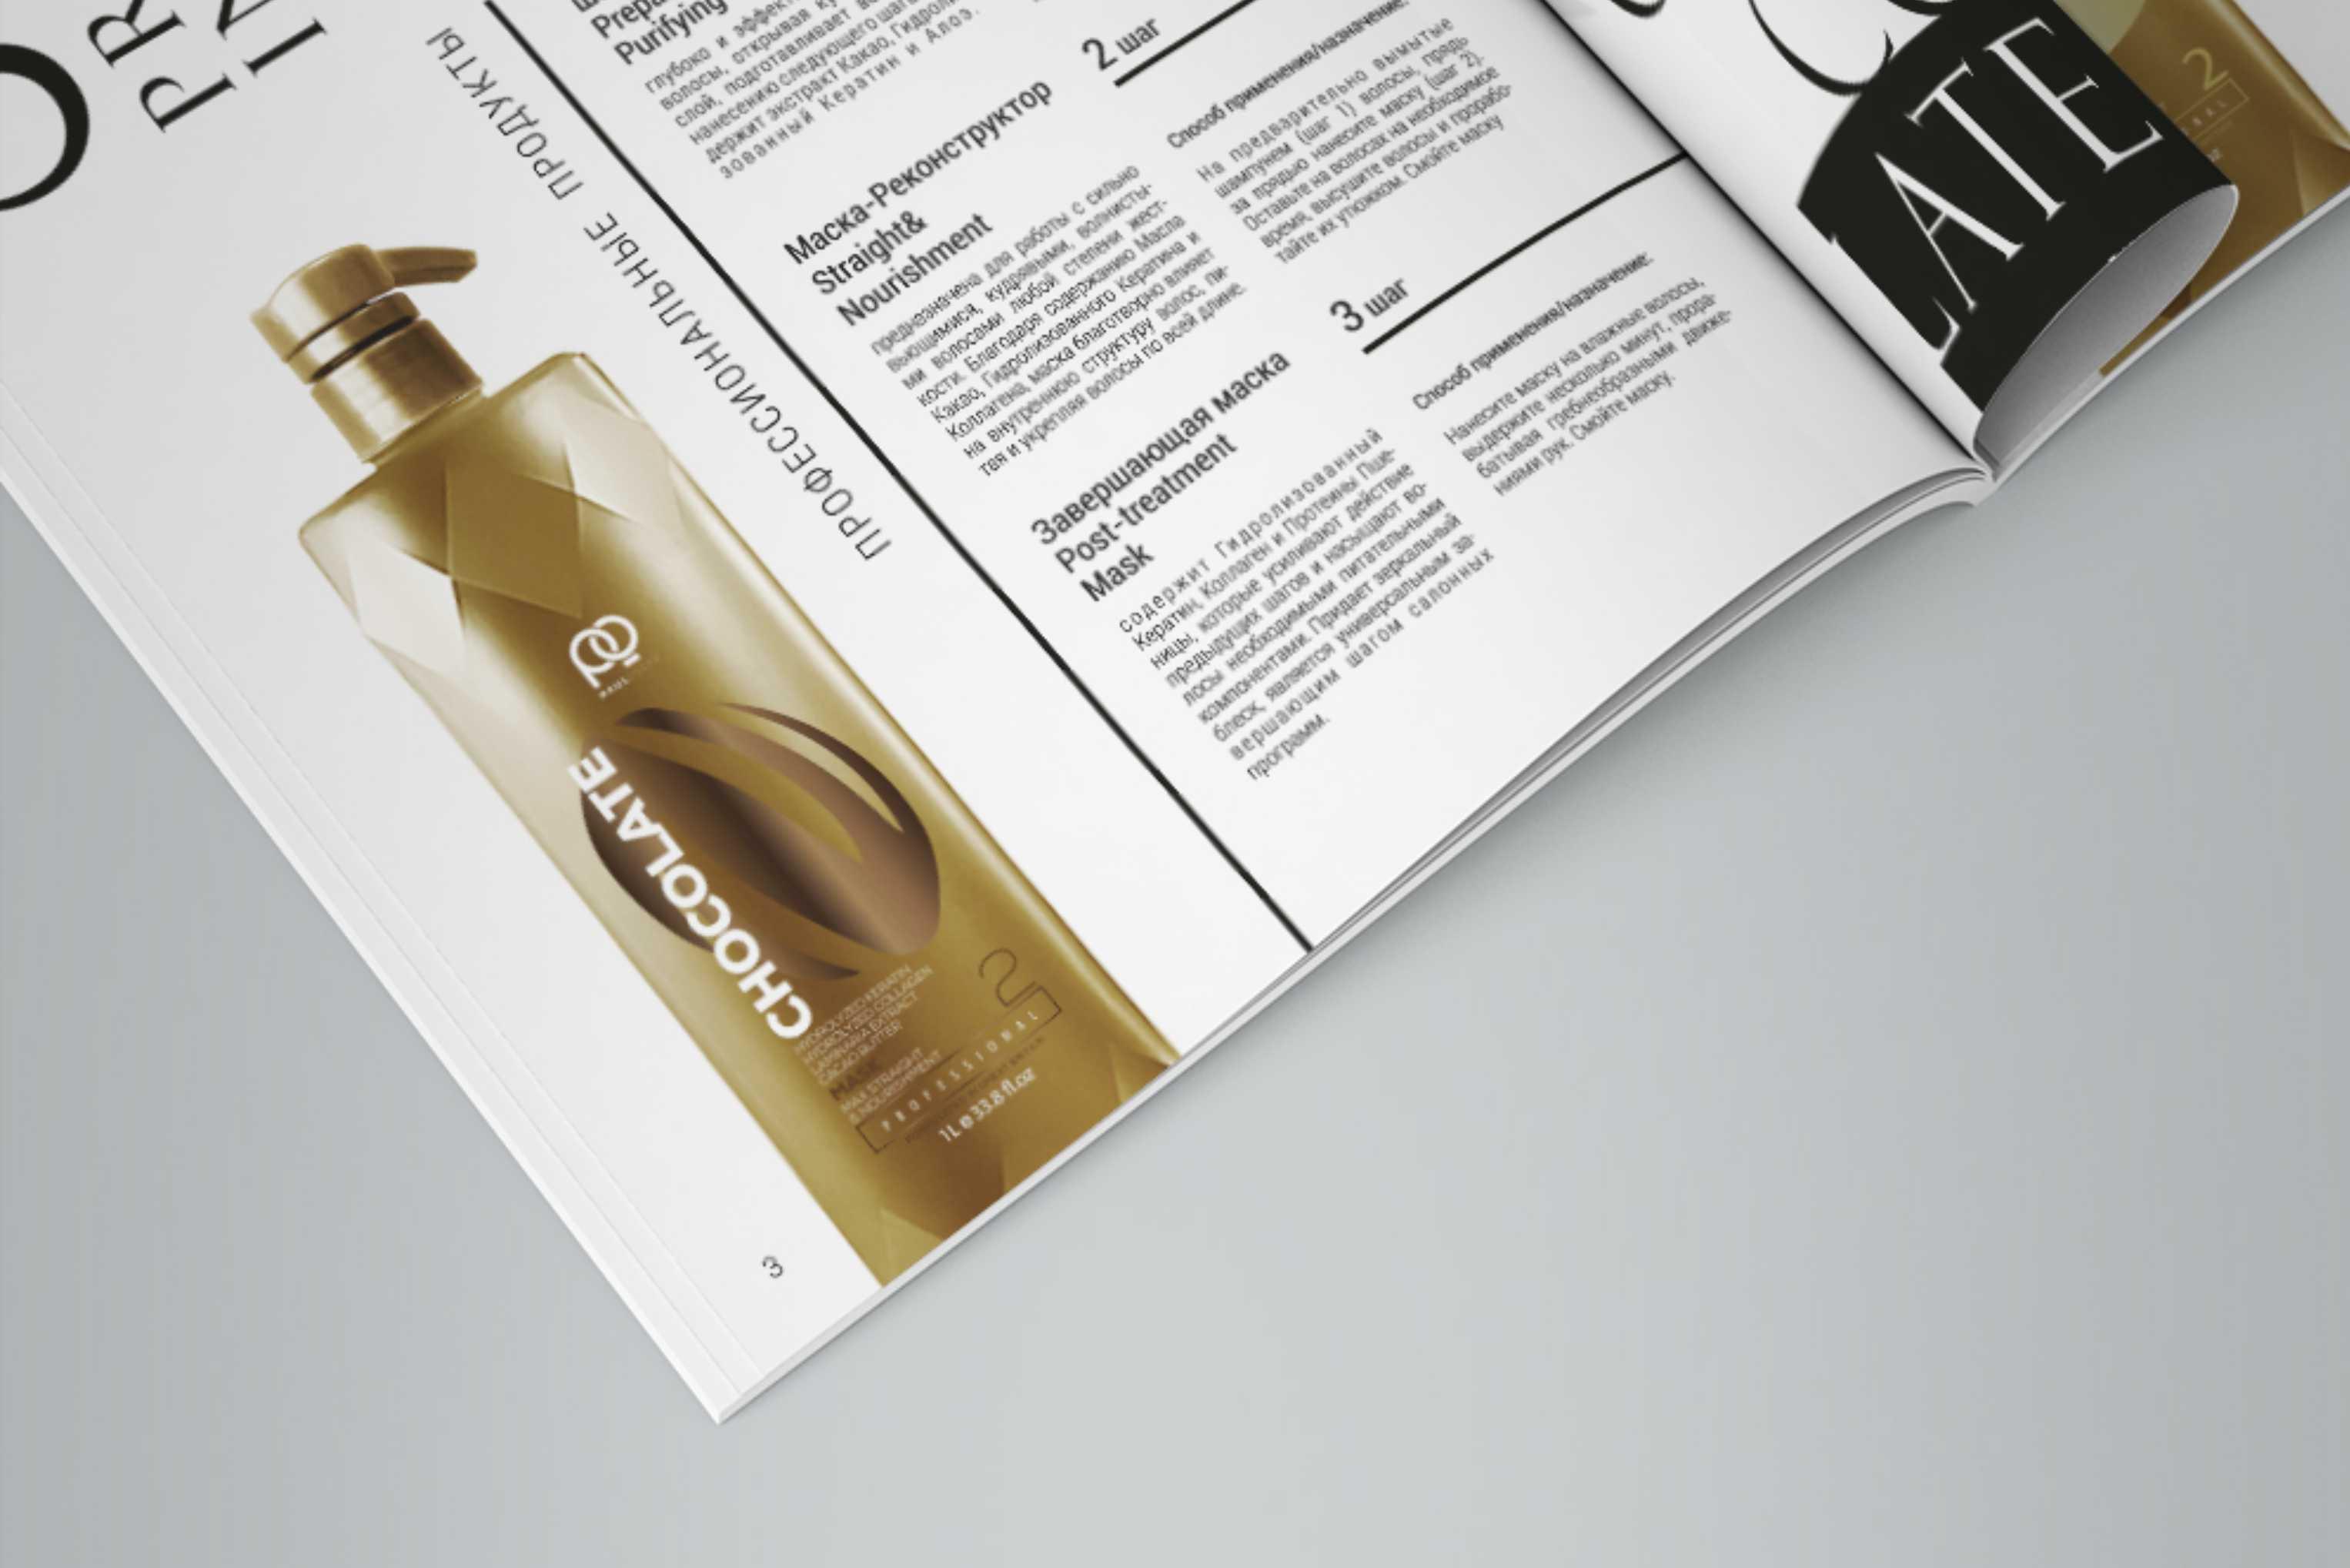 брошюра, каталог, журнал